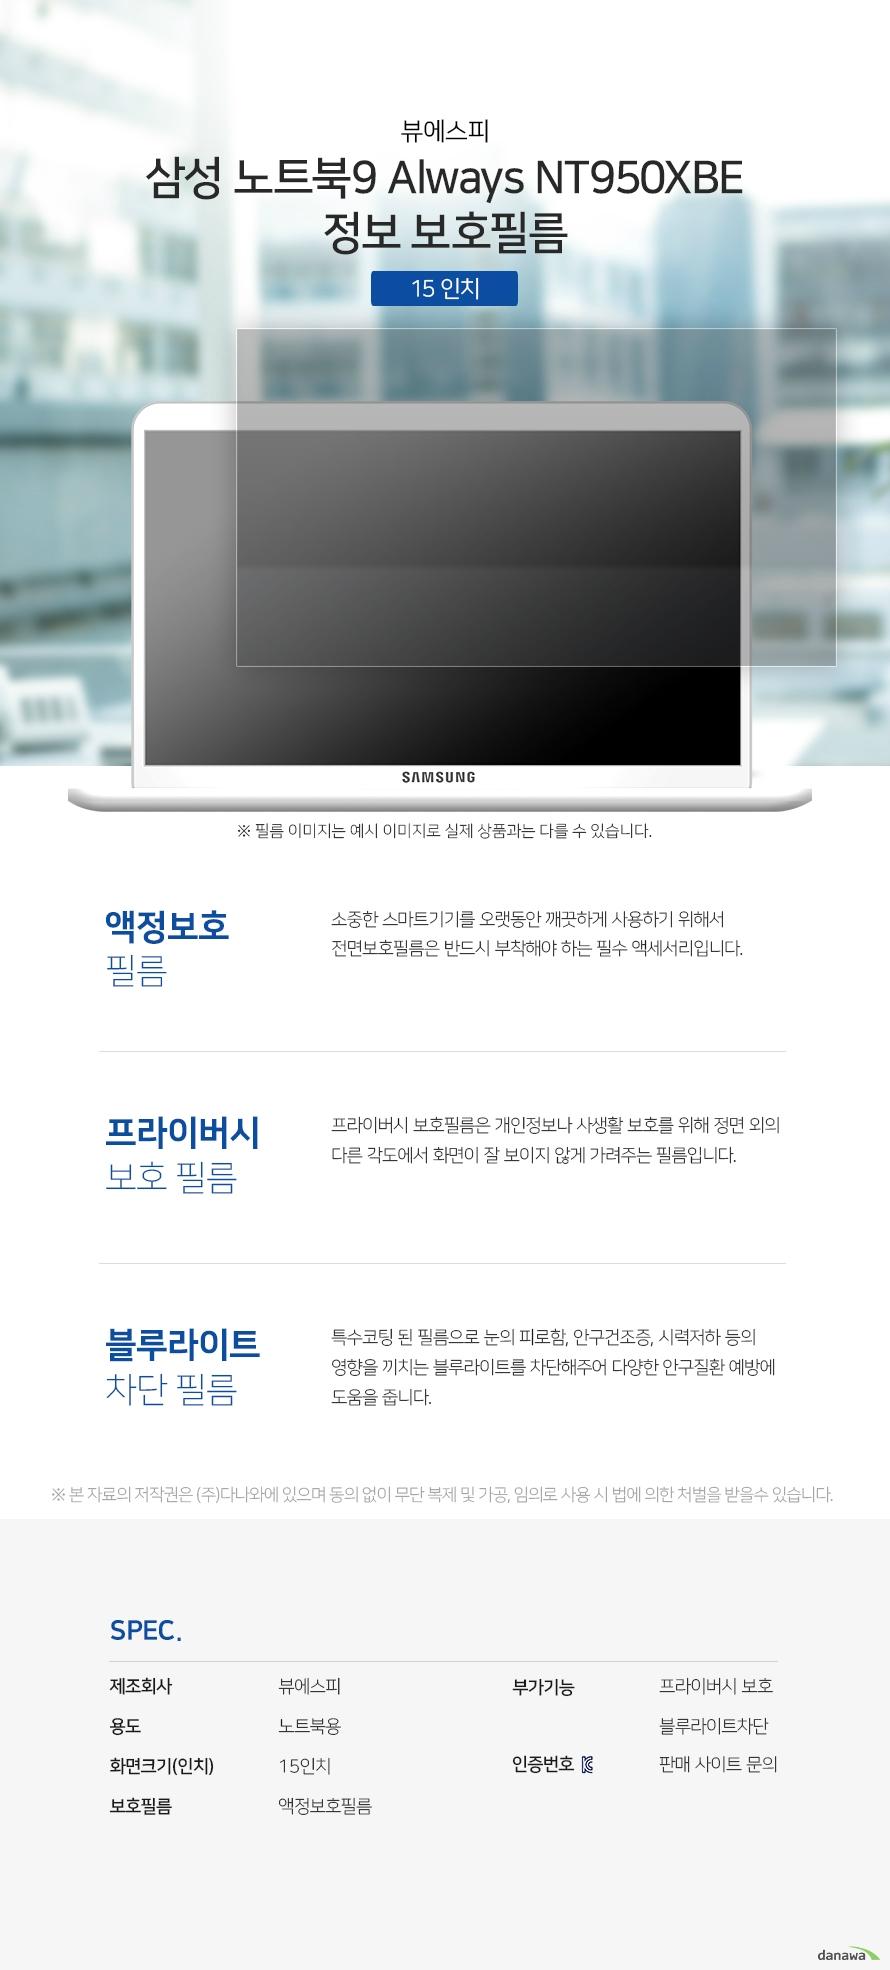 뷰에스피 삼성 노트북9 Always NT950XBE 정보 보호필름 상세 스펙 액정보호용품 / 노트북용 / 액정보호필름 / 15인치 / Privacy보호 / 블루라이트차단